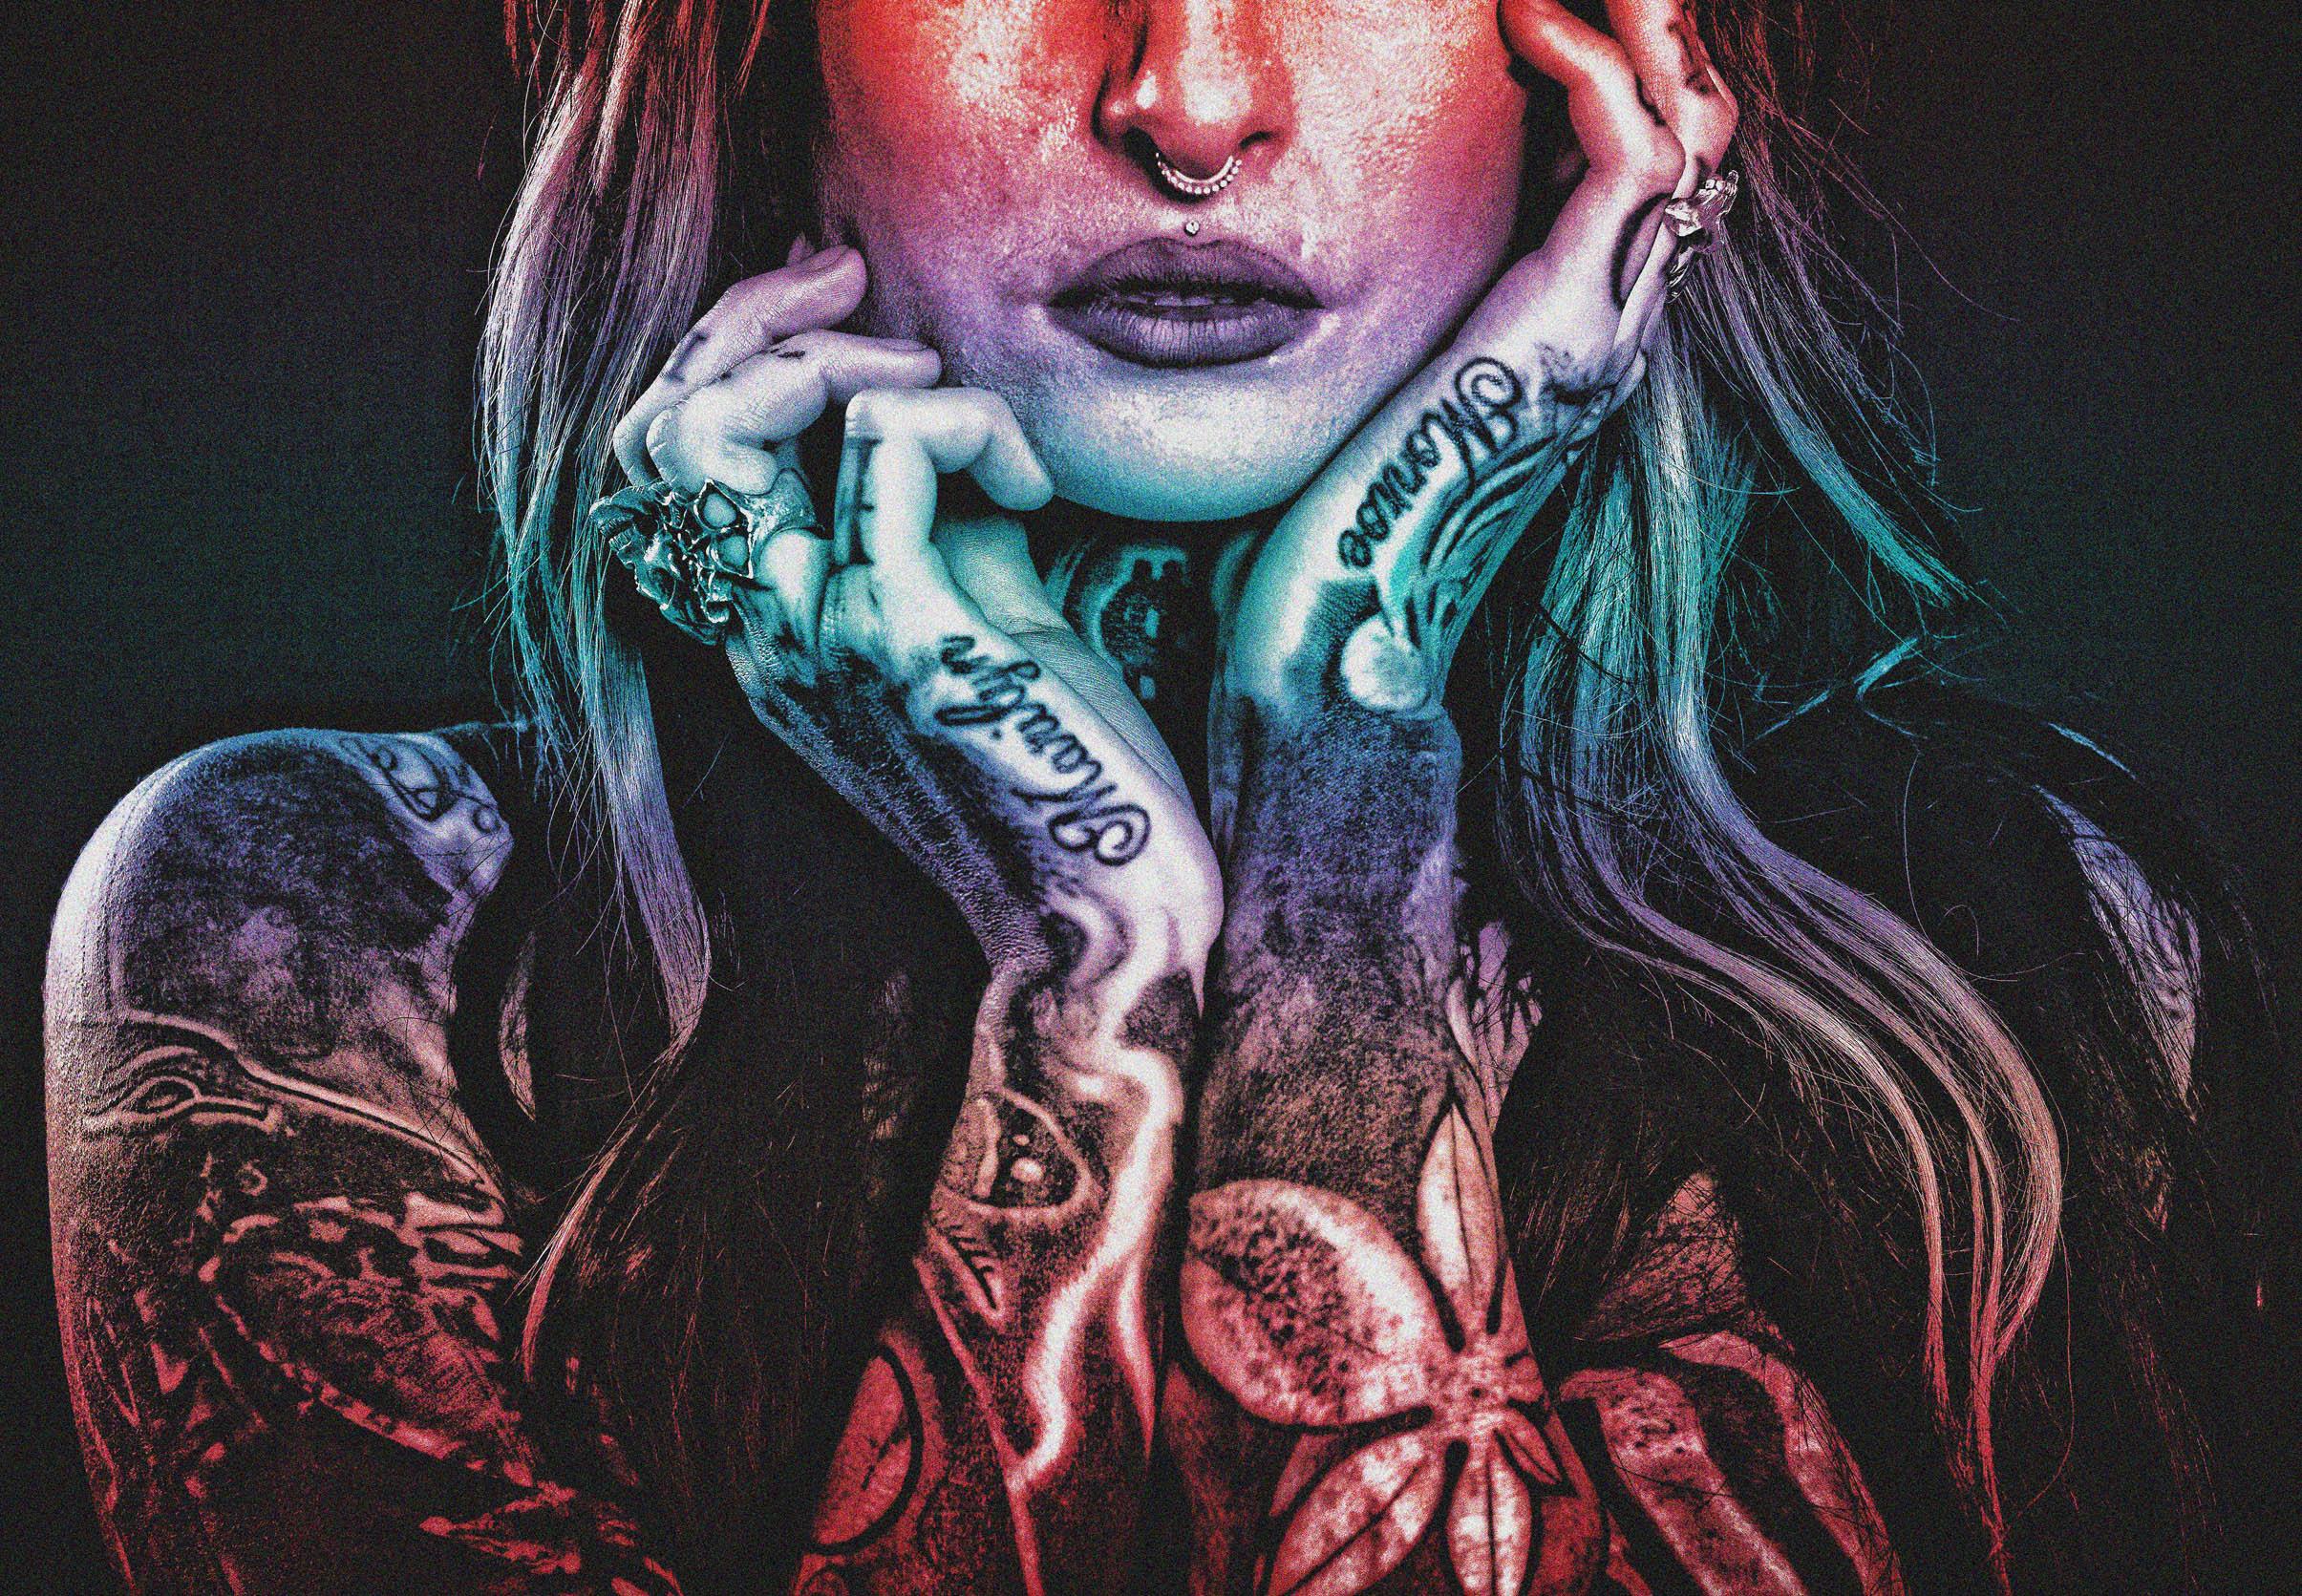 Tattooed woman - grunge noisy looks photo